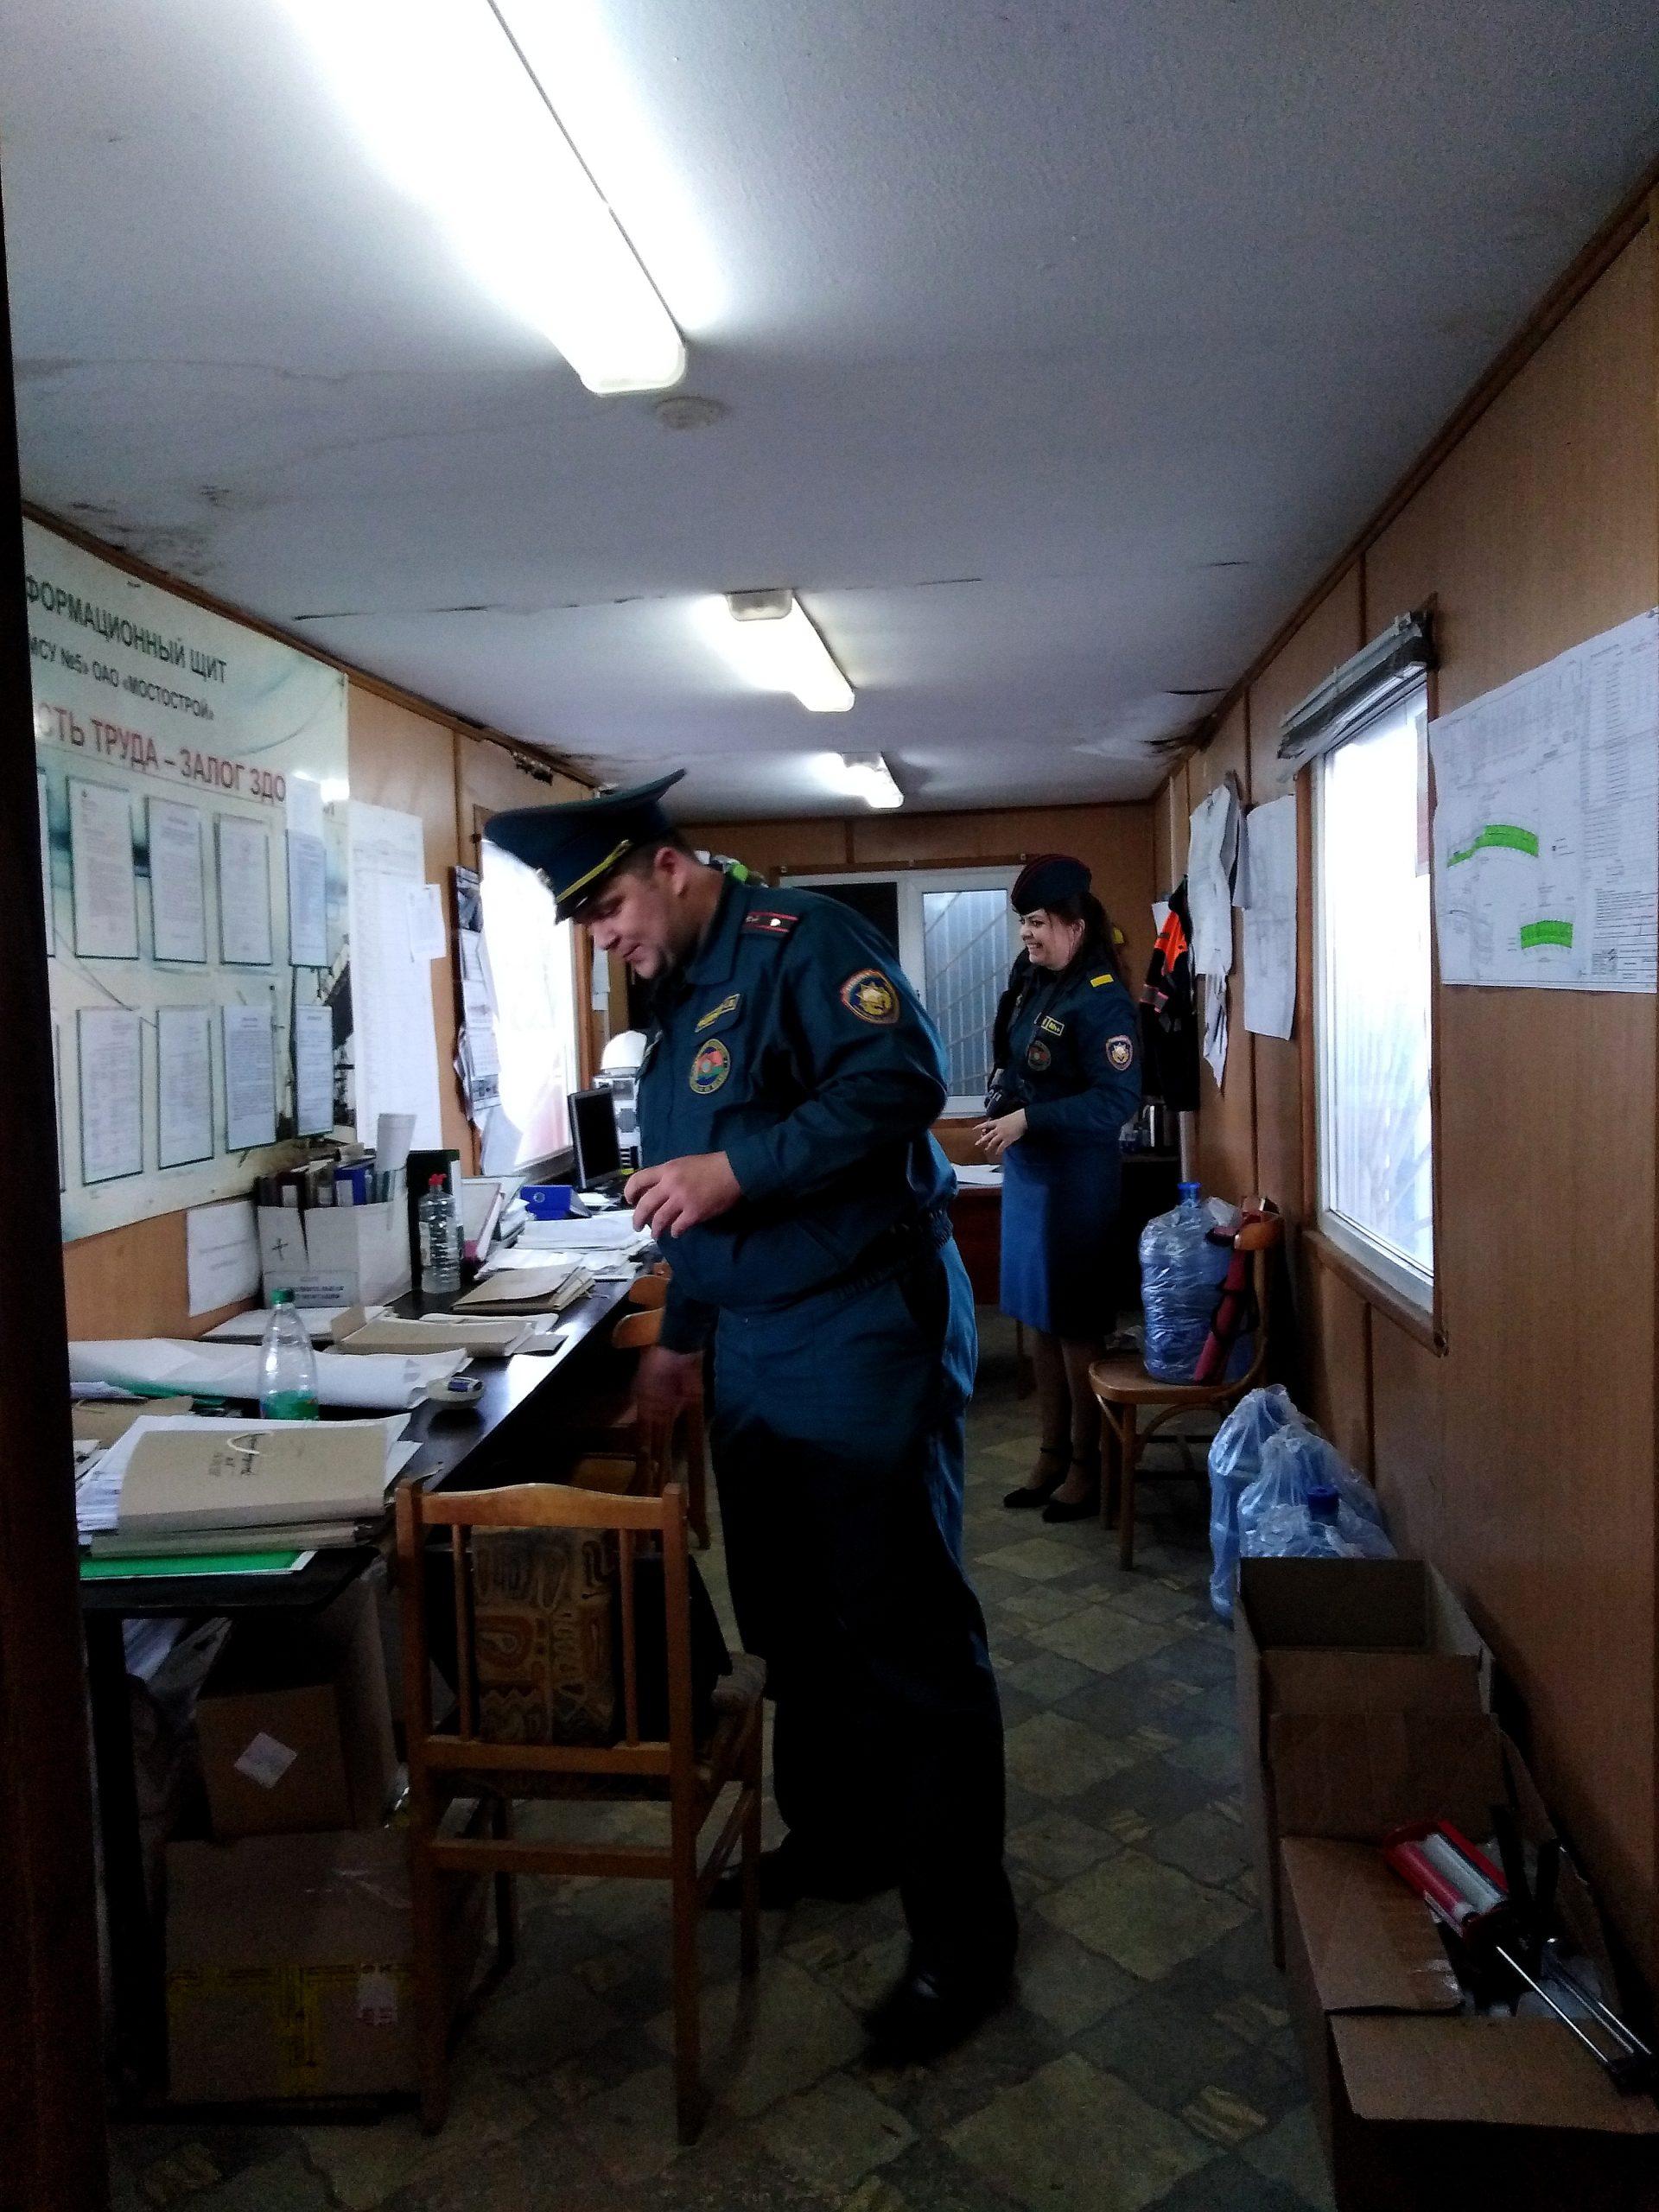 В Витебске растет число пожаров в строительных бытовках: рабочие забывают об элементарных правилах безопасности